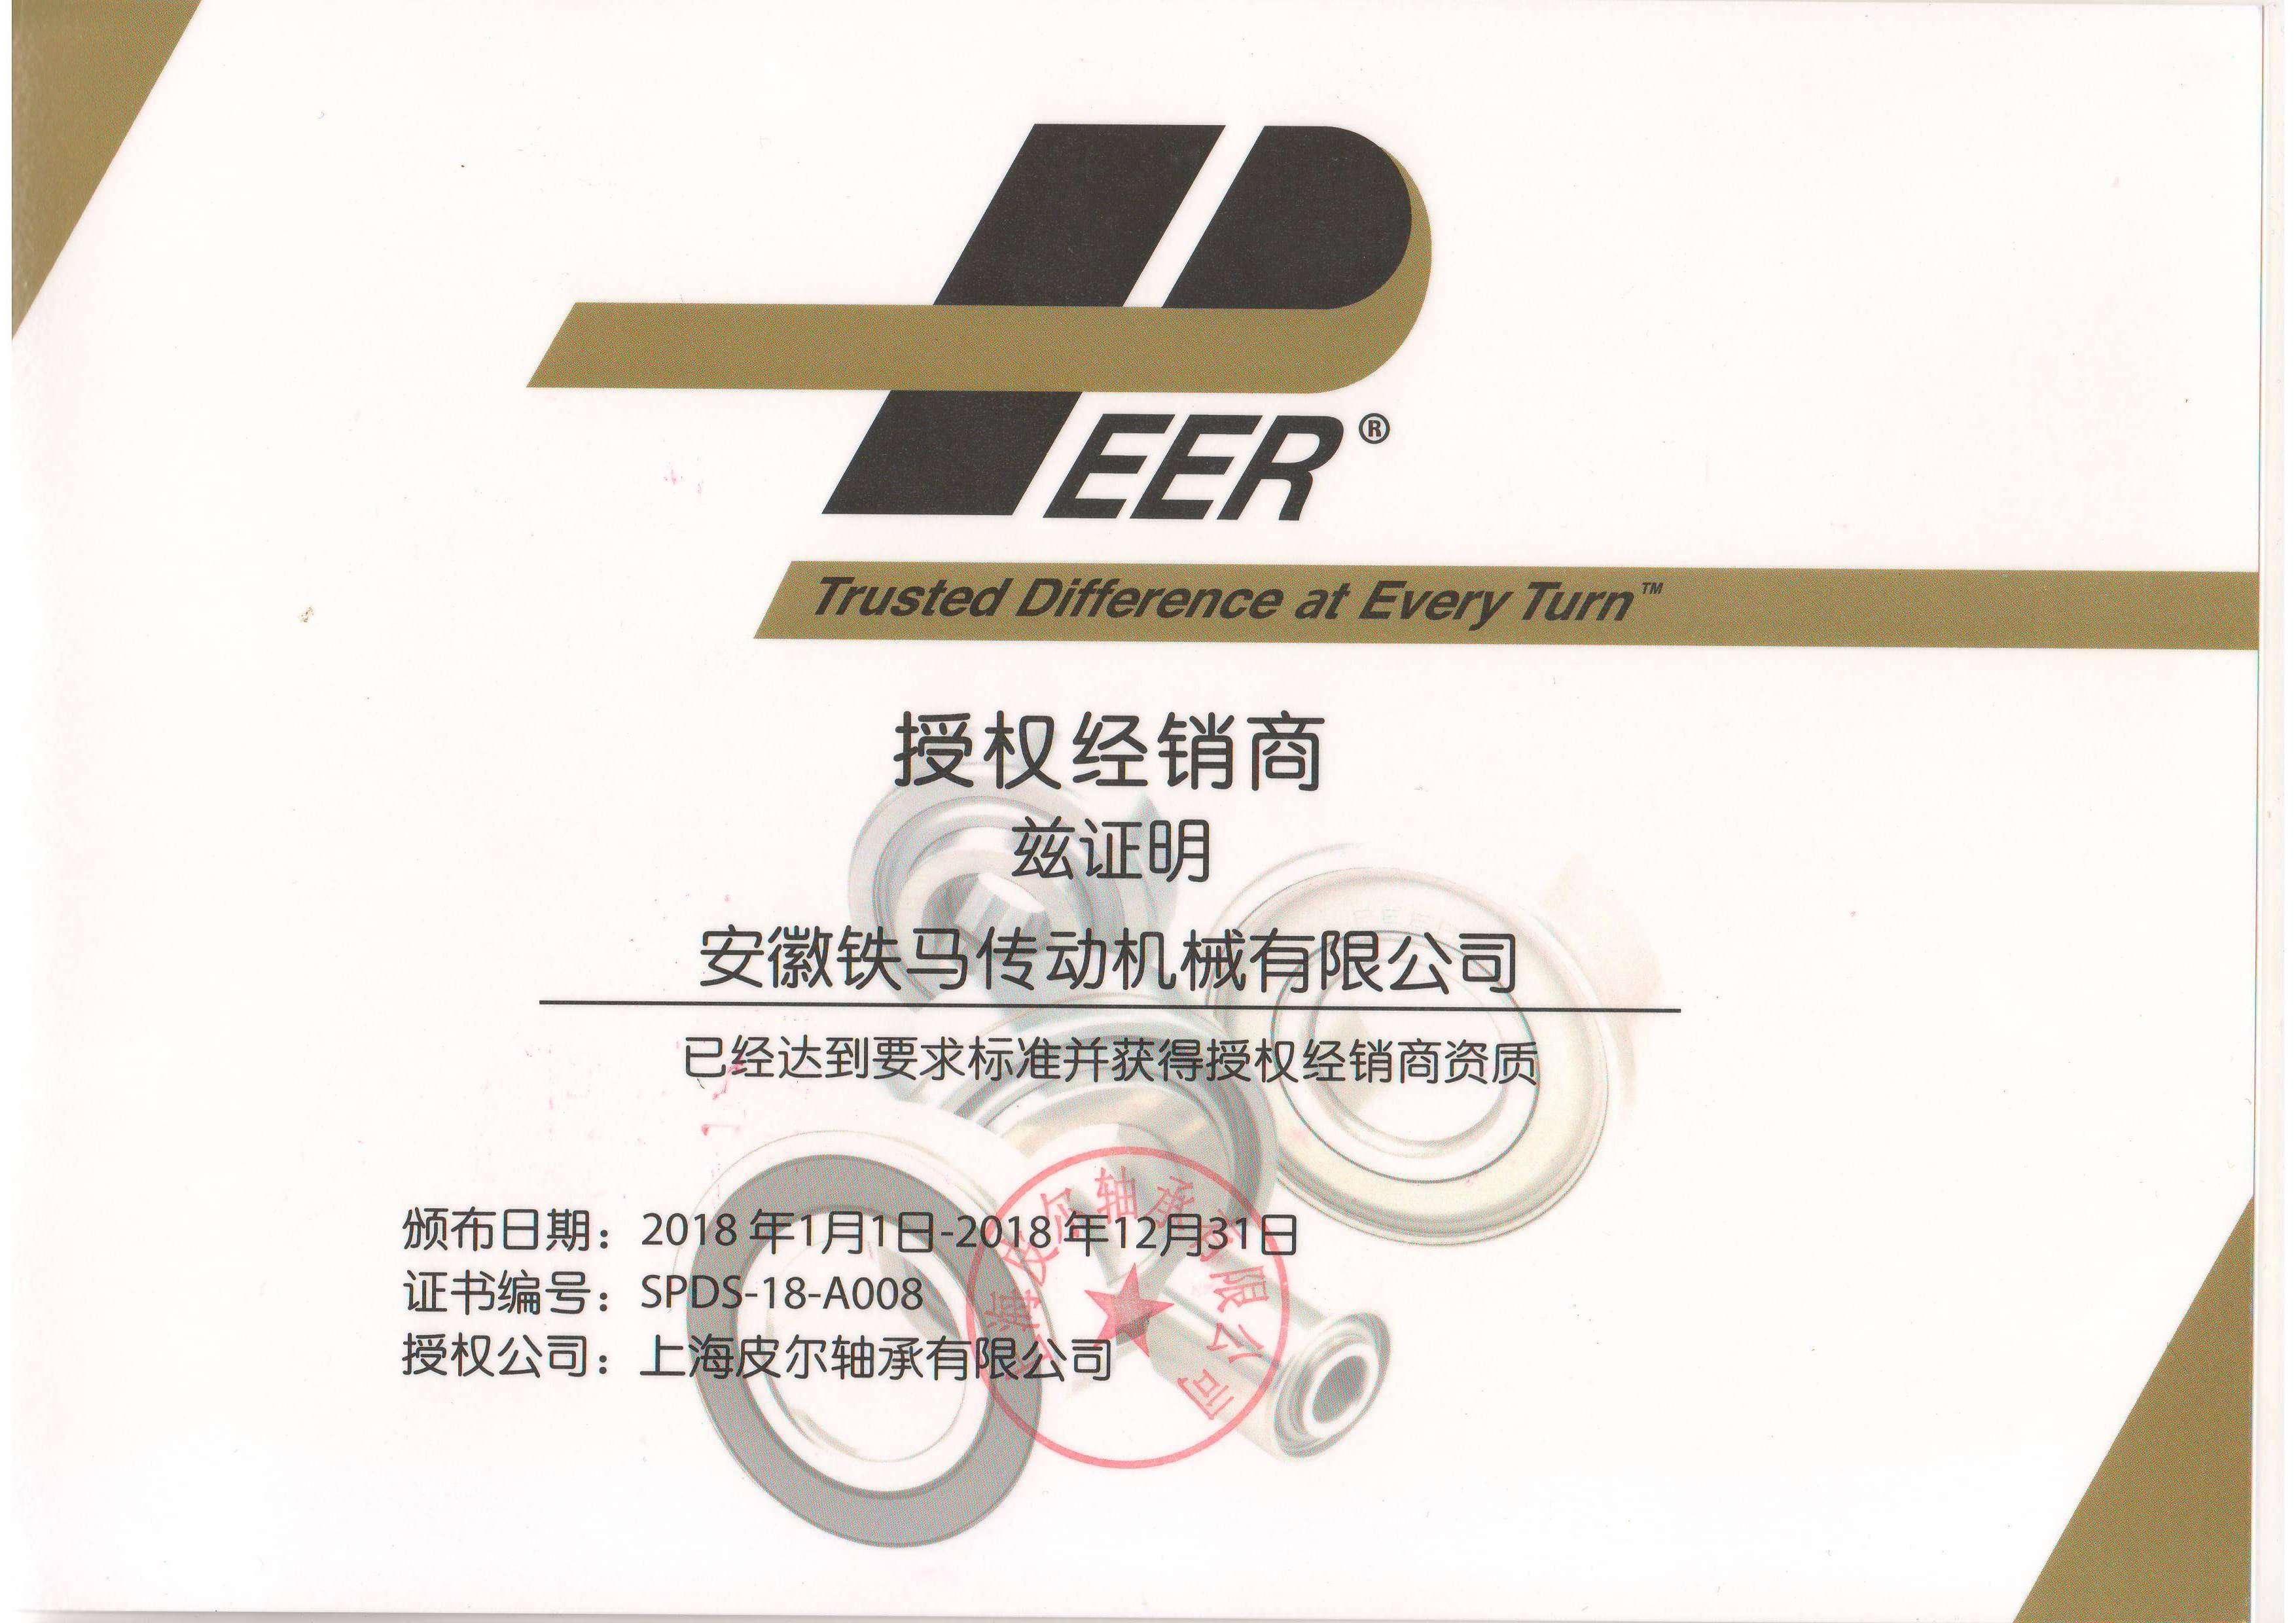 安徽铁马传动机械有限公司